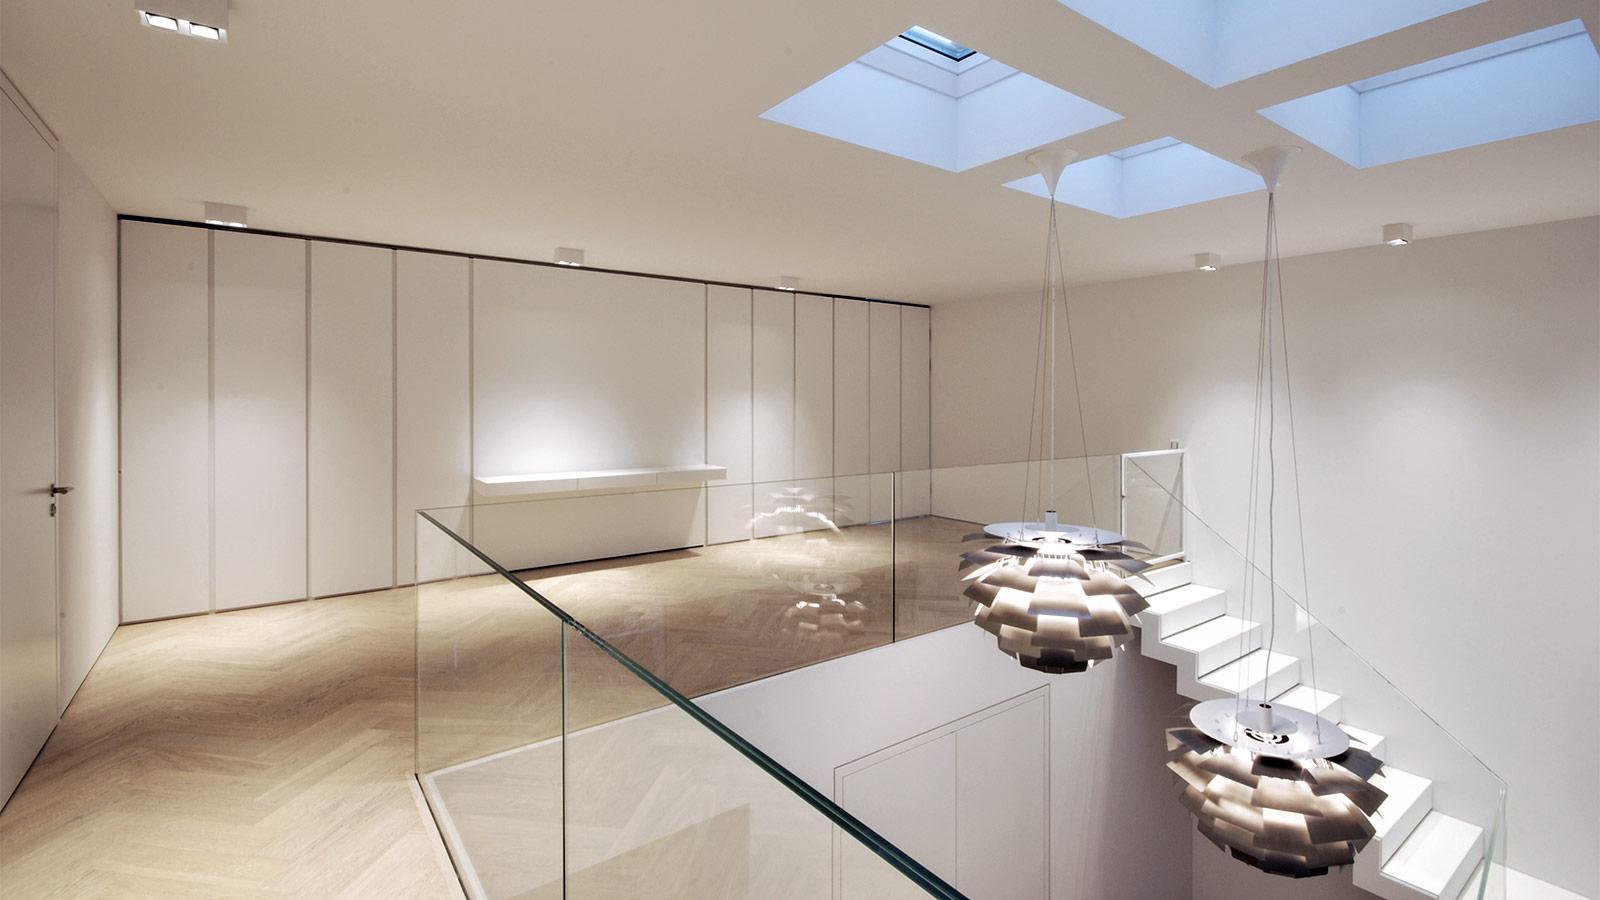 47+Unzen Architektur Objekt Design Innenarchitektur, Shopkonzepte ...